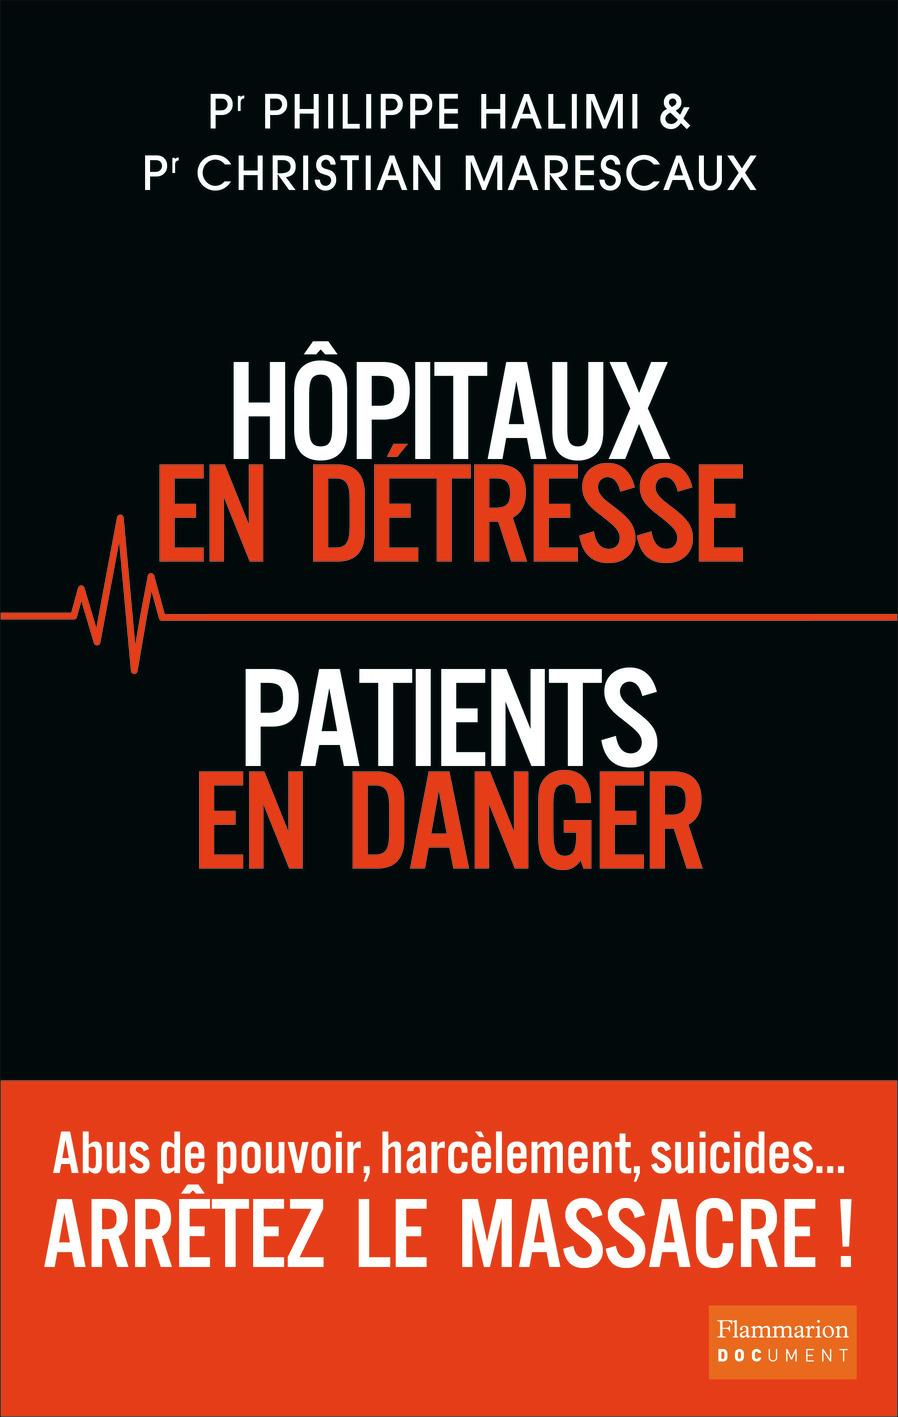 HOPITAUX EN DETRESSE, PATIENTS EN DANGER